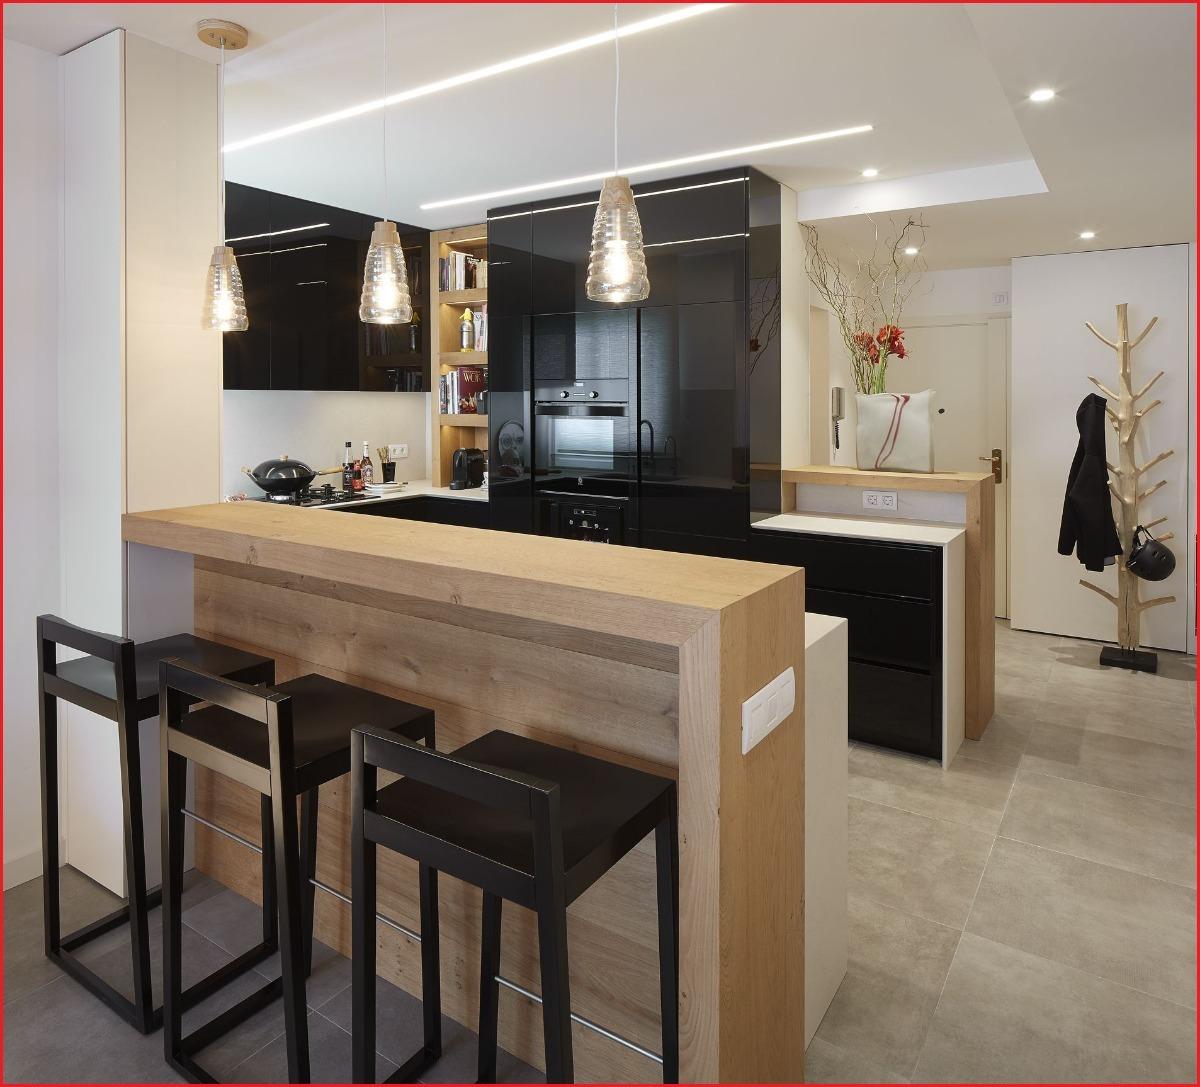 Barras de cocina desayunadores dise o a medida for Cocinas integrales modernas con barra